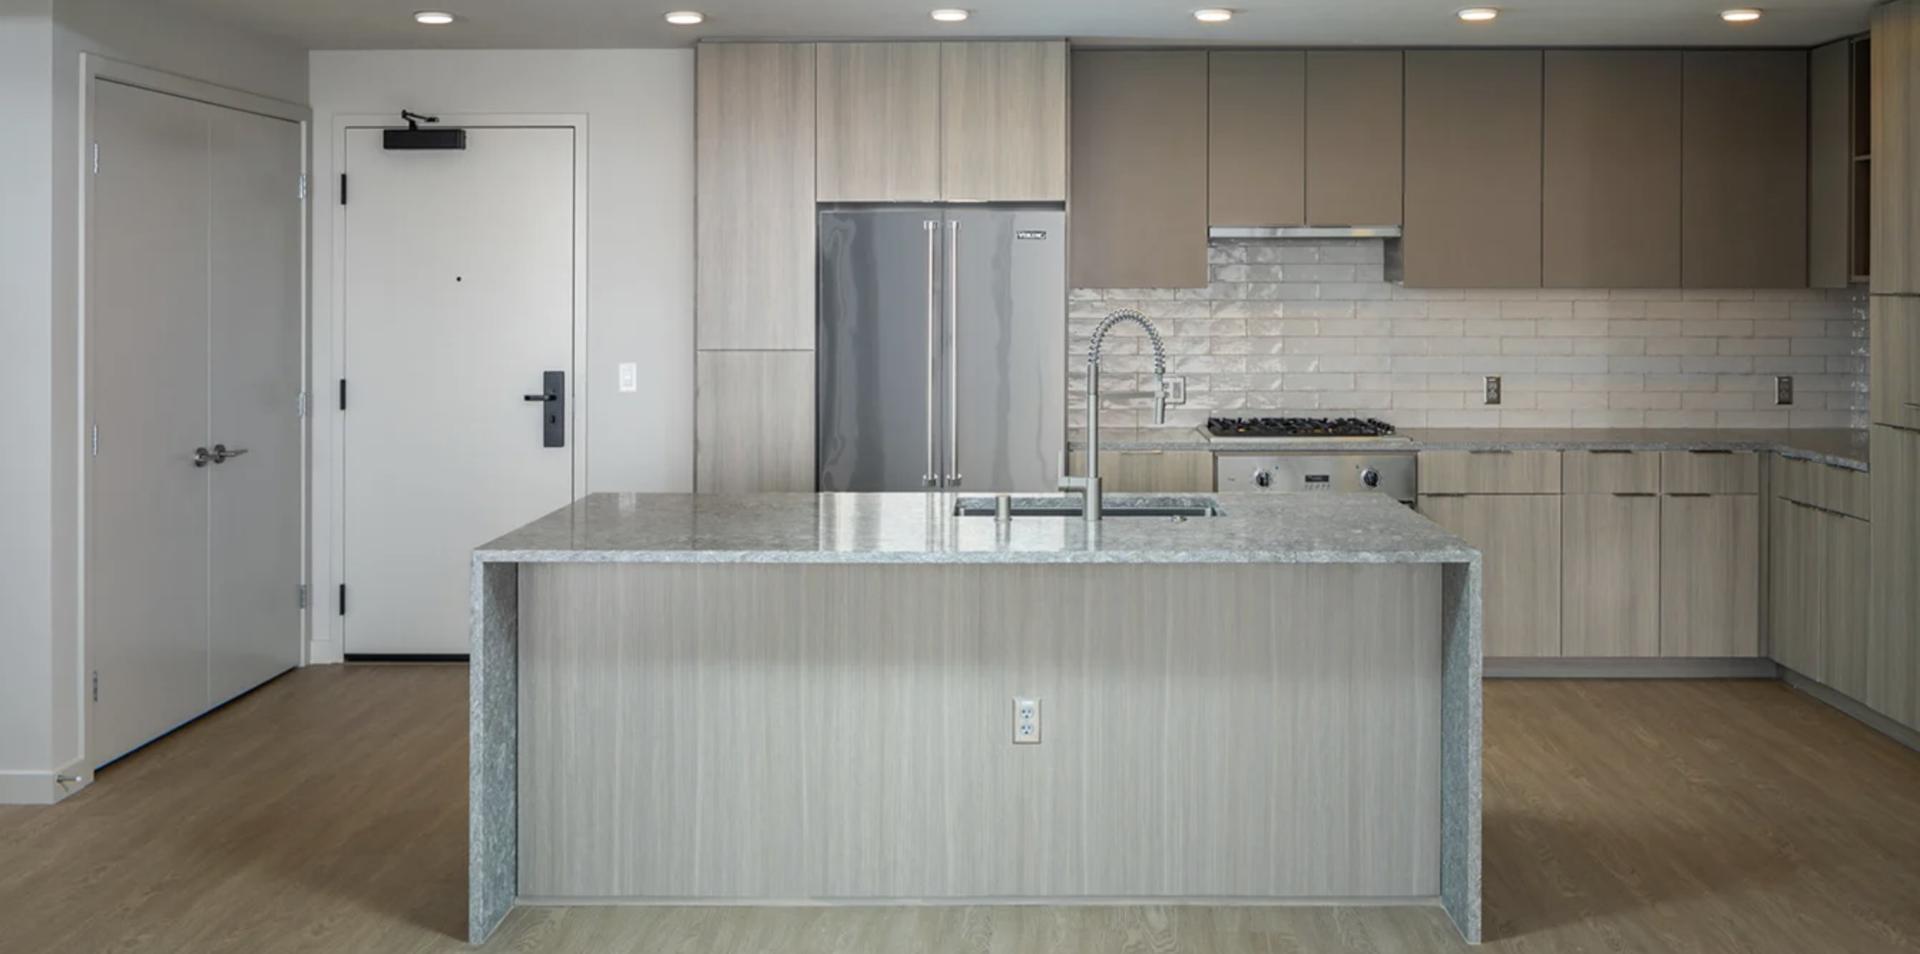 601 11th Avenue #1301, San Diego, CA - $3,705 USD/ month